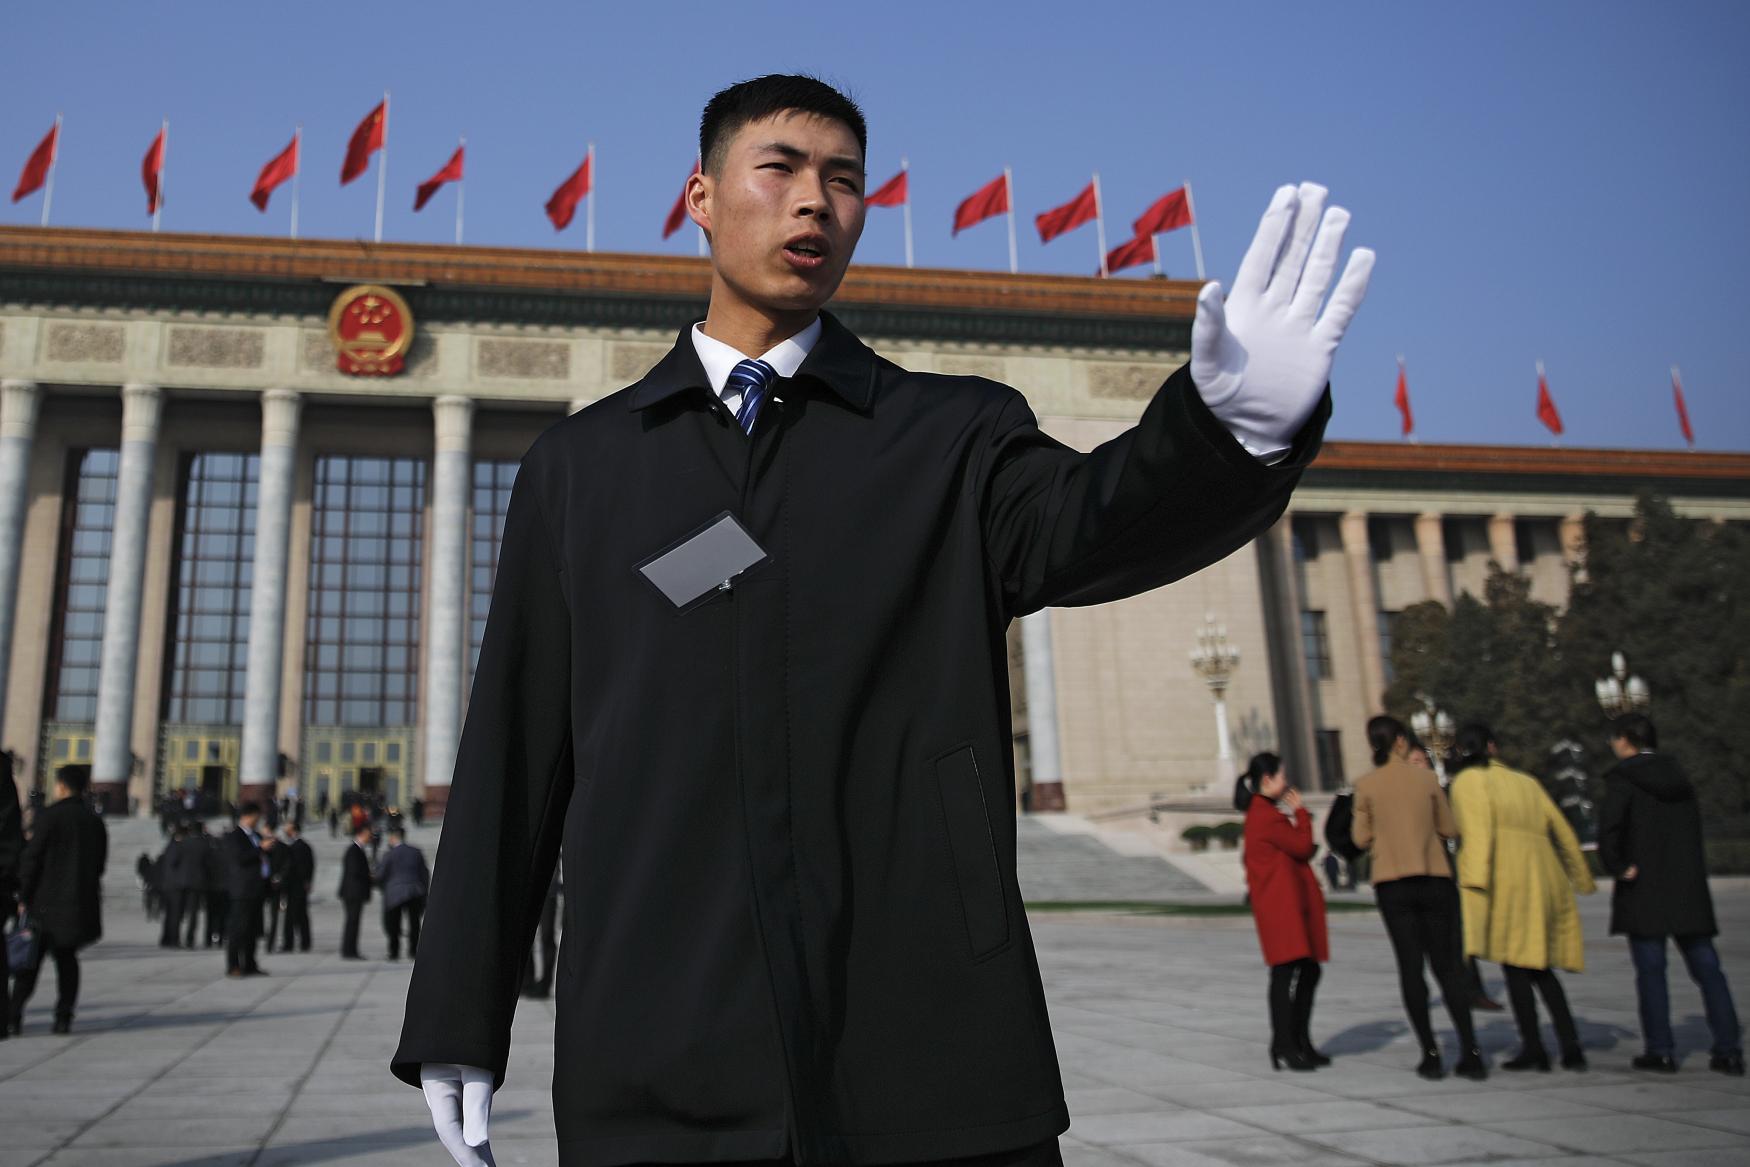 Voják před Velkým sálem lidu v Pekingu